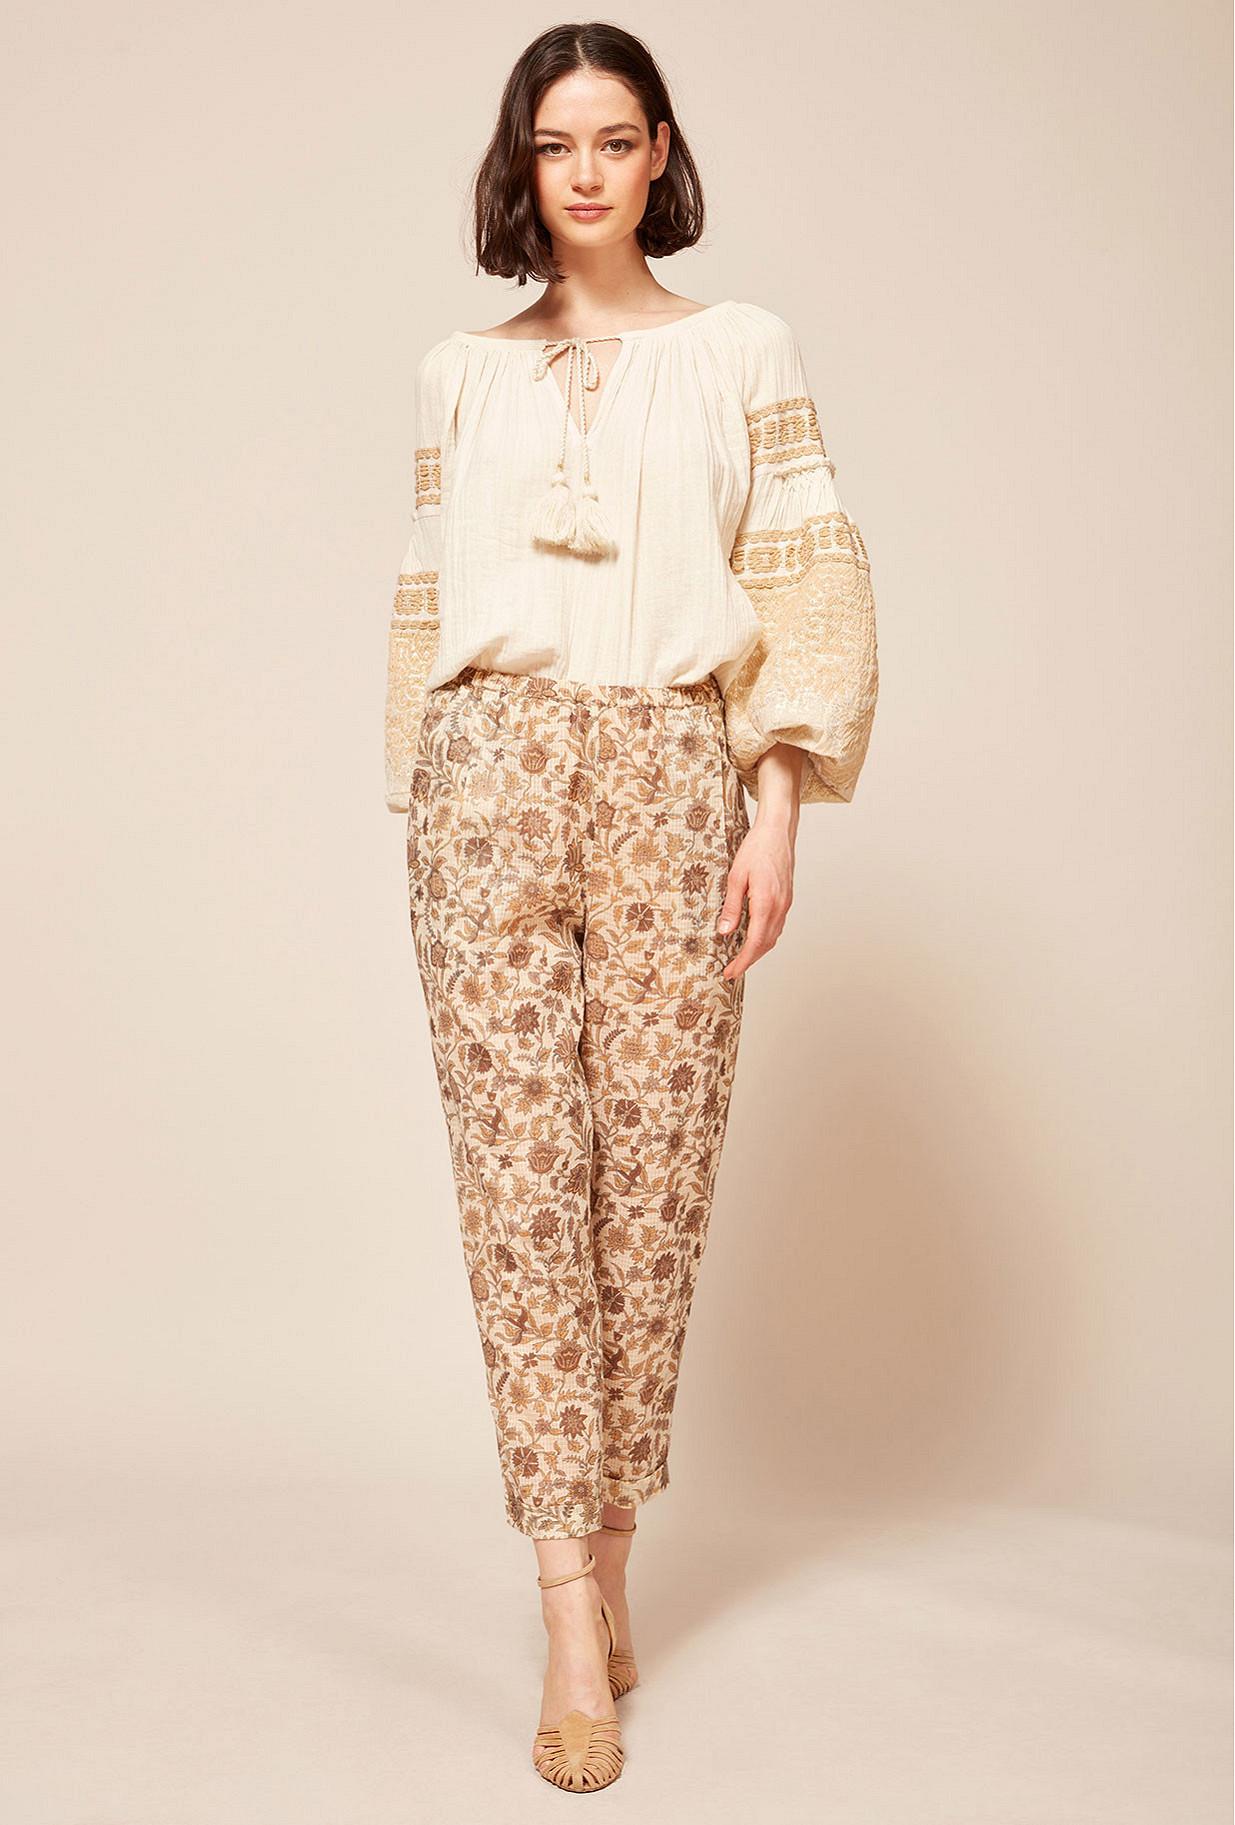 Paris clothes store pant  Calune french designer fashion Paris